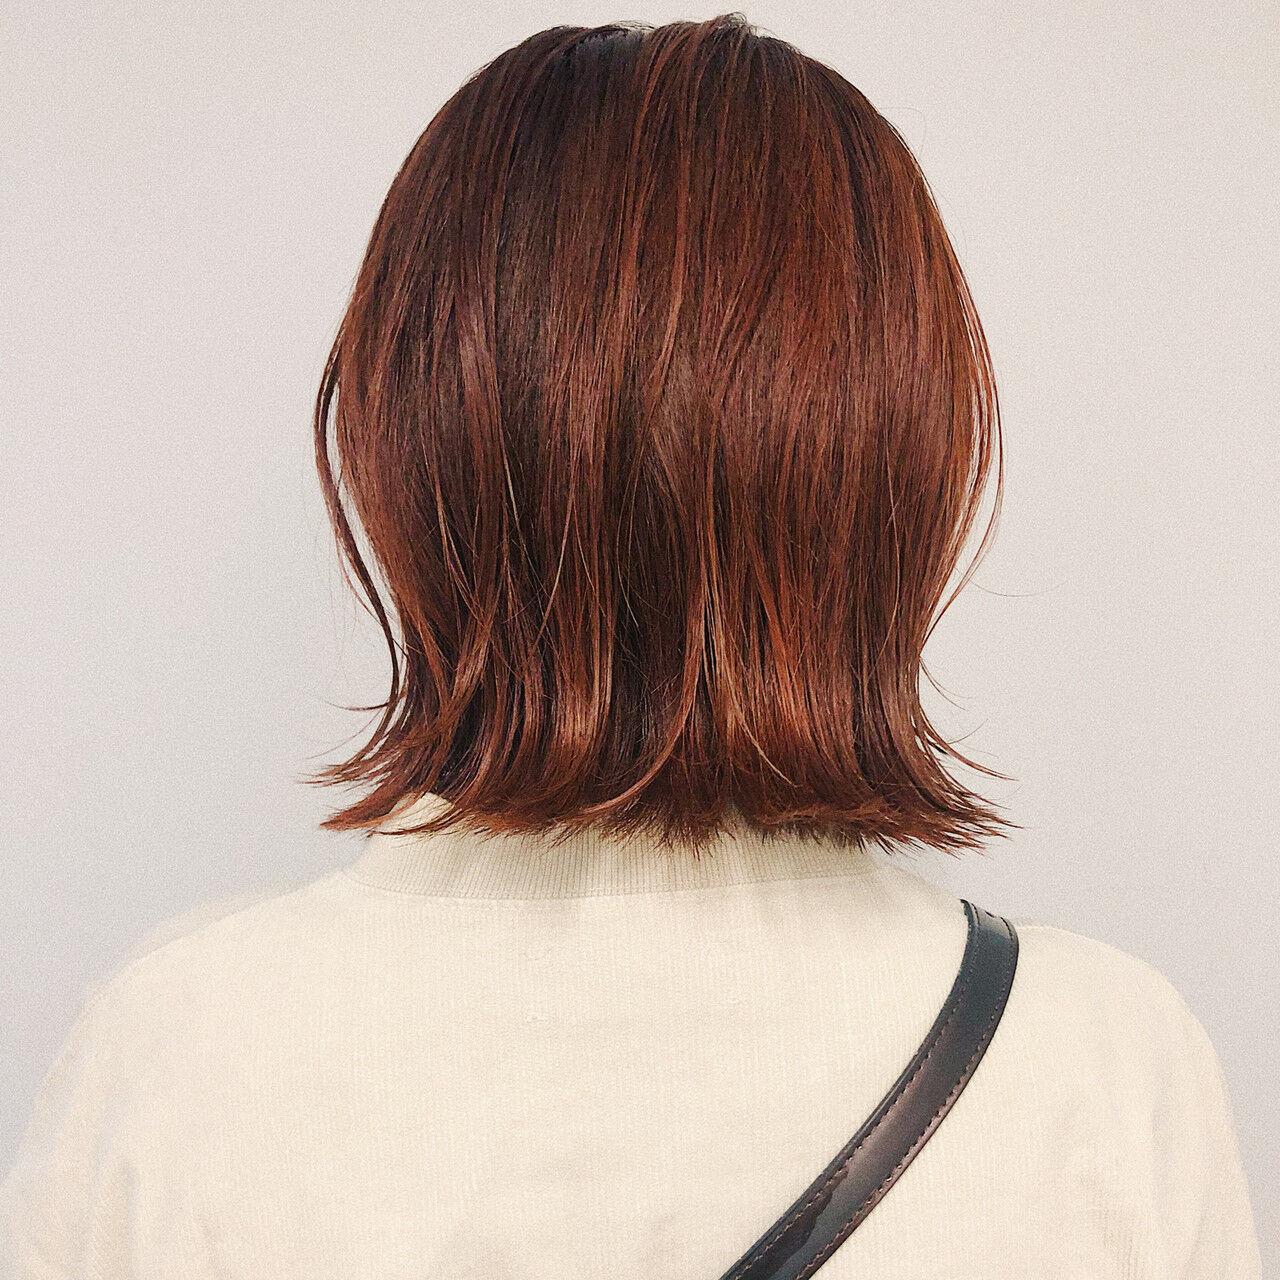 ガーリー 切りっぱなしボブ ボブ ショートボブヘアスタイルや髪型の写真・画像